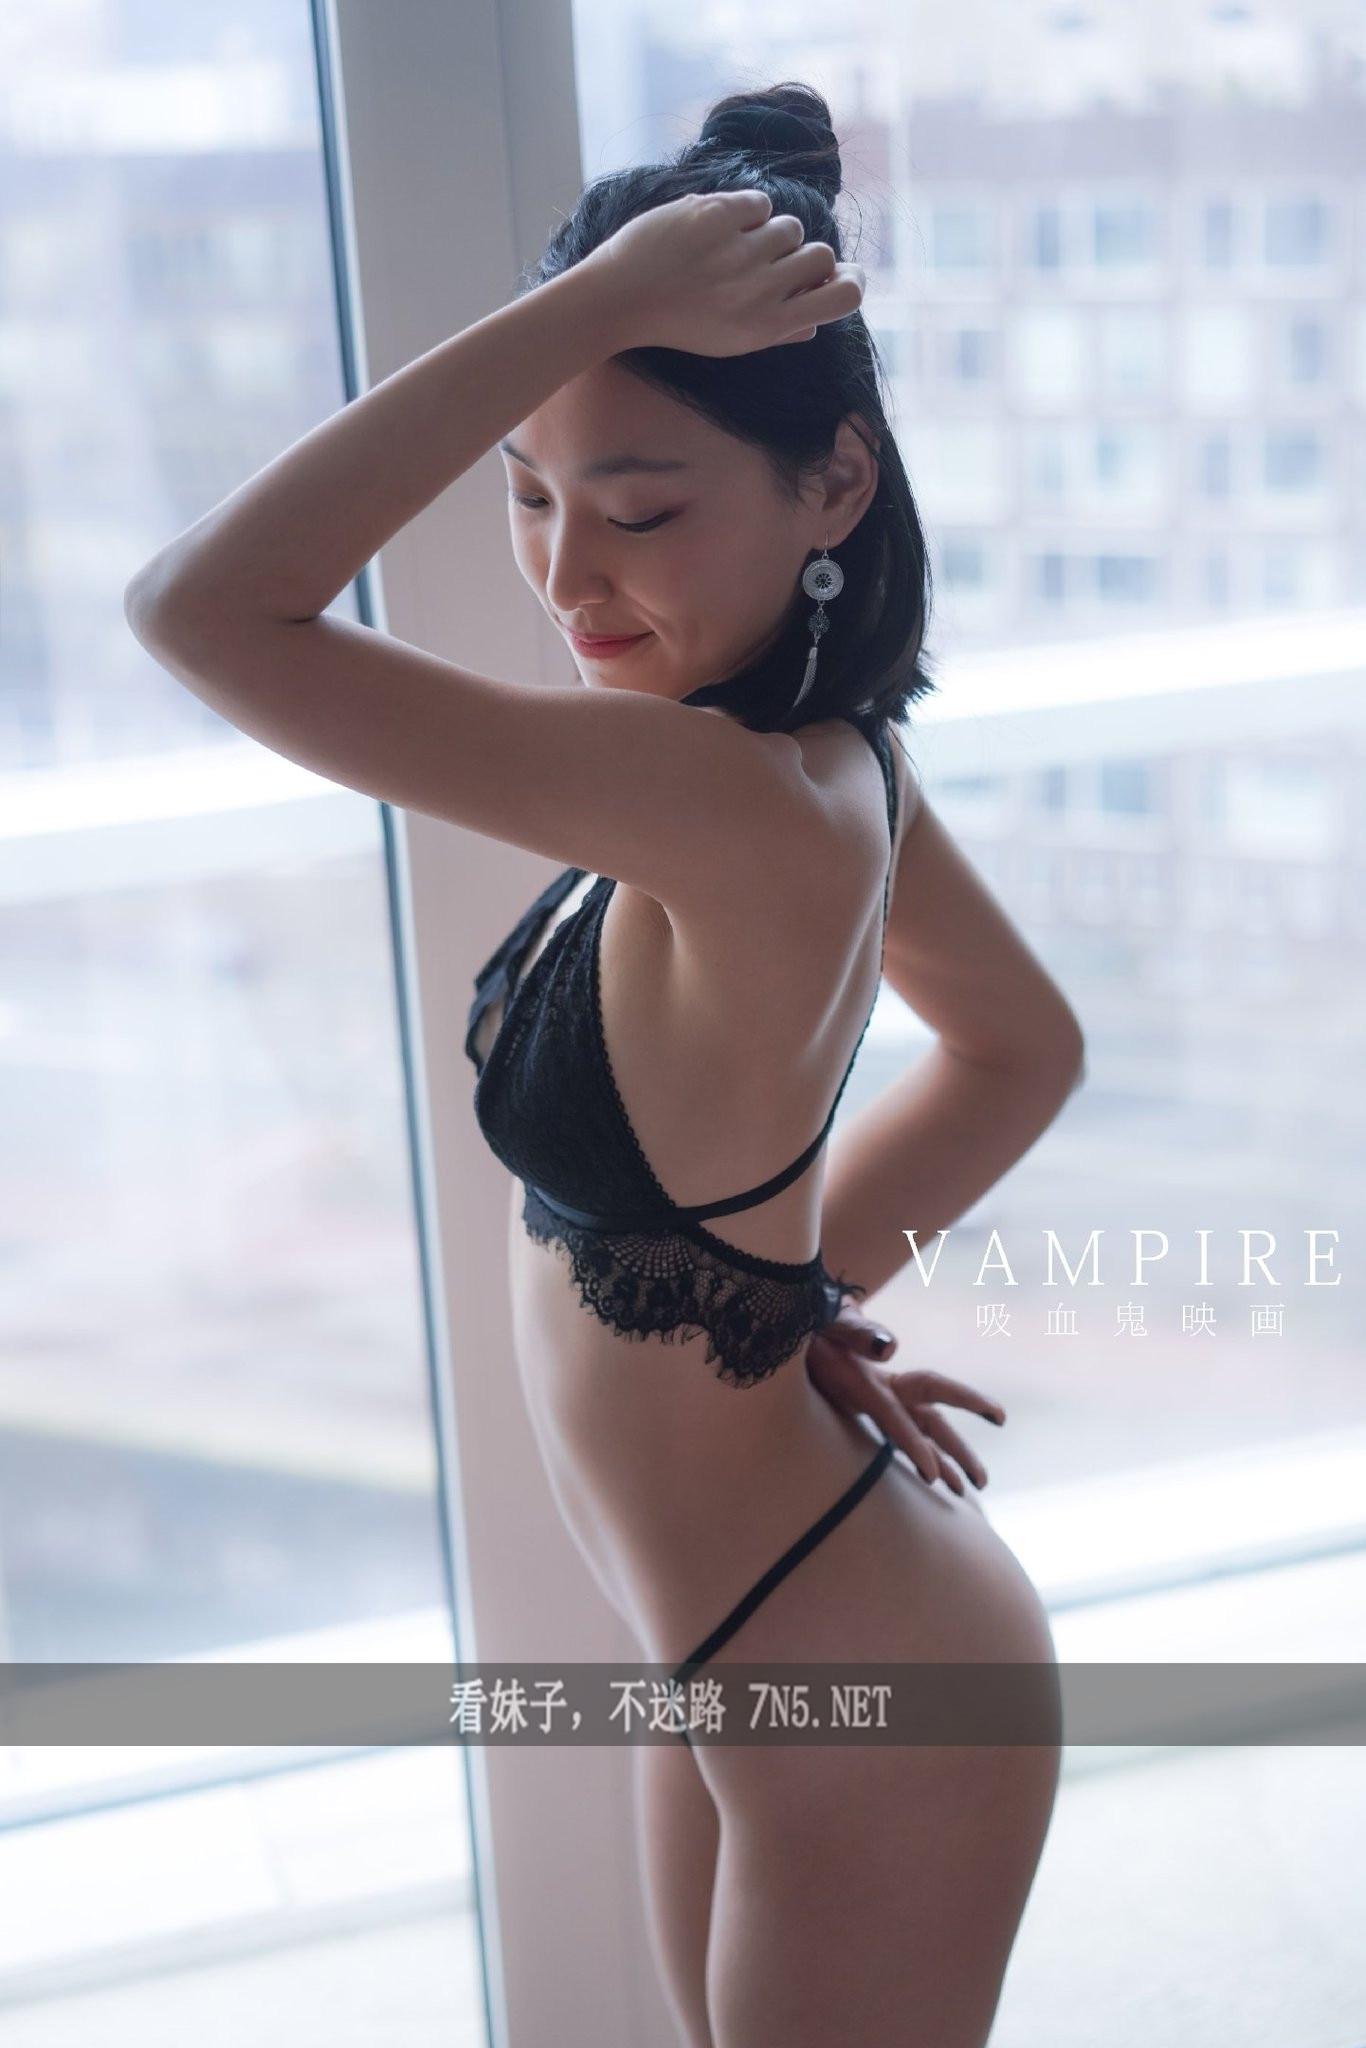 推特/P站上很火的华裔留学生刘玥日常 爱看资源网日常整理发布www.qqloser.com